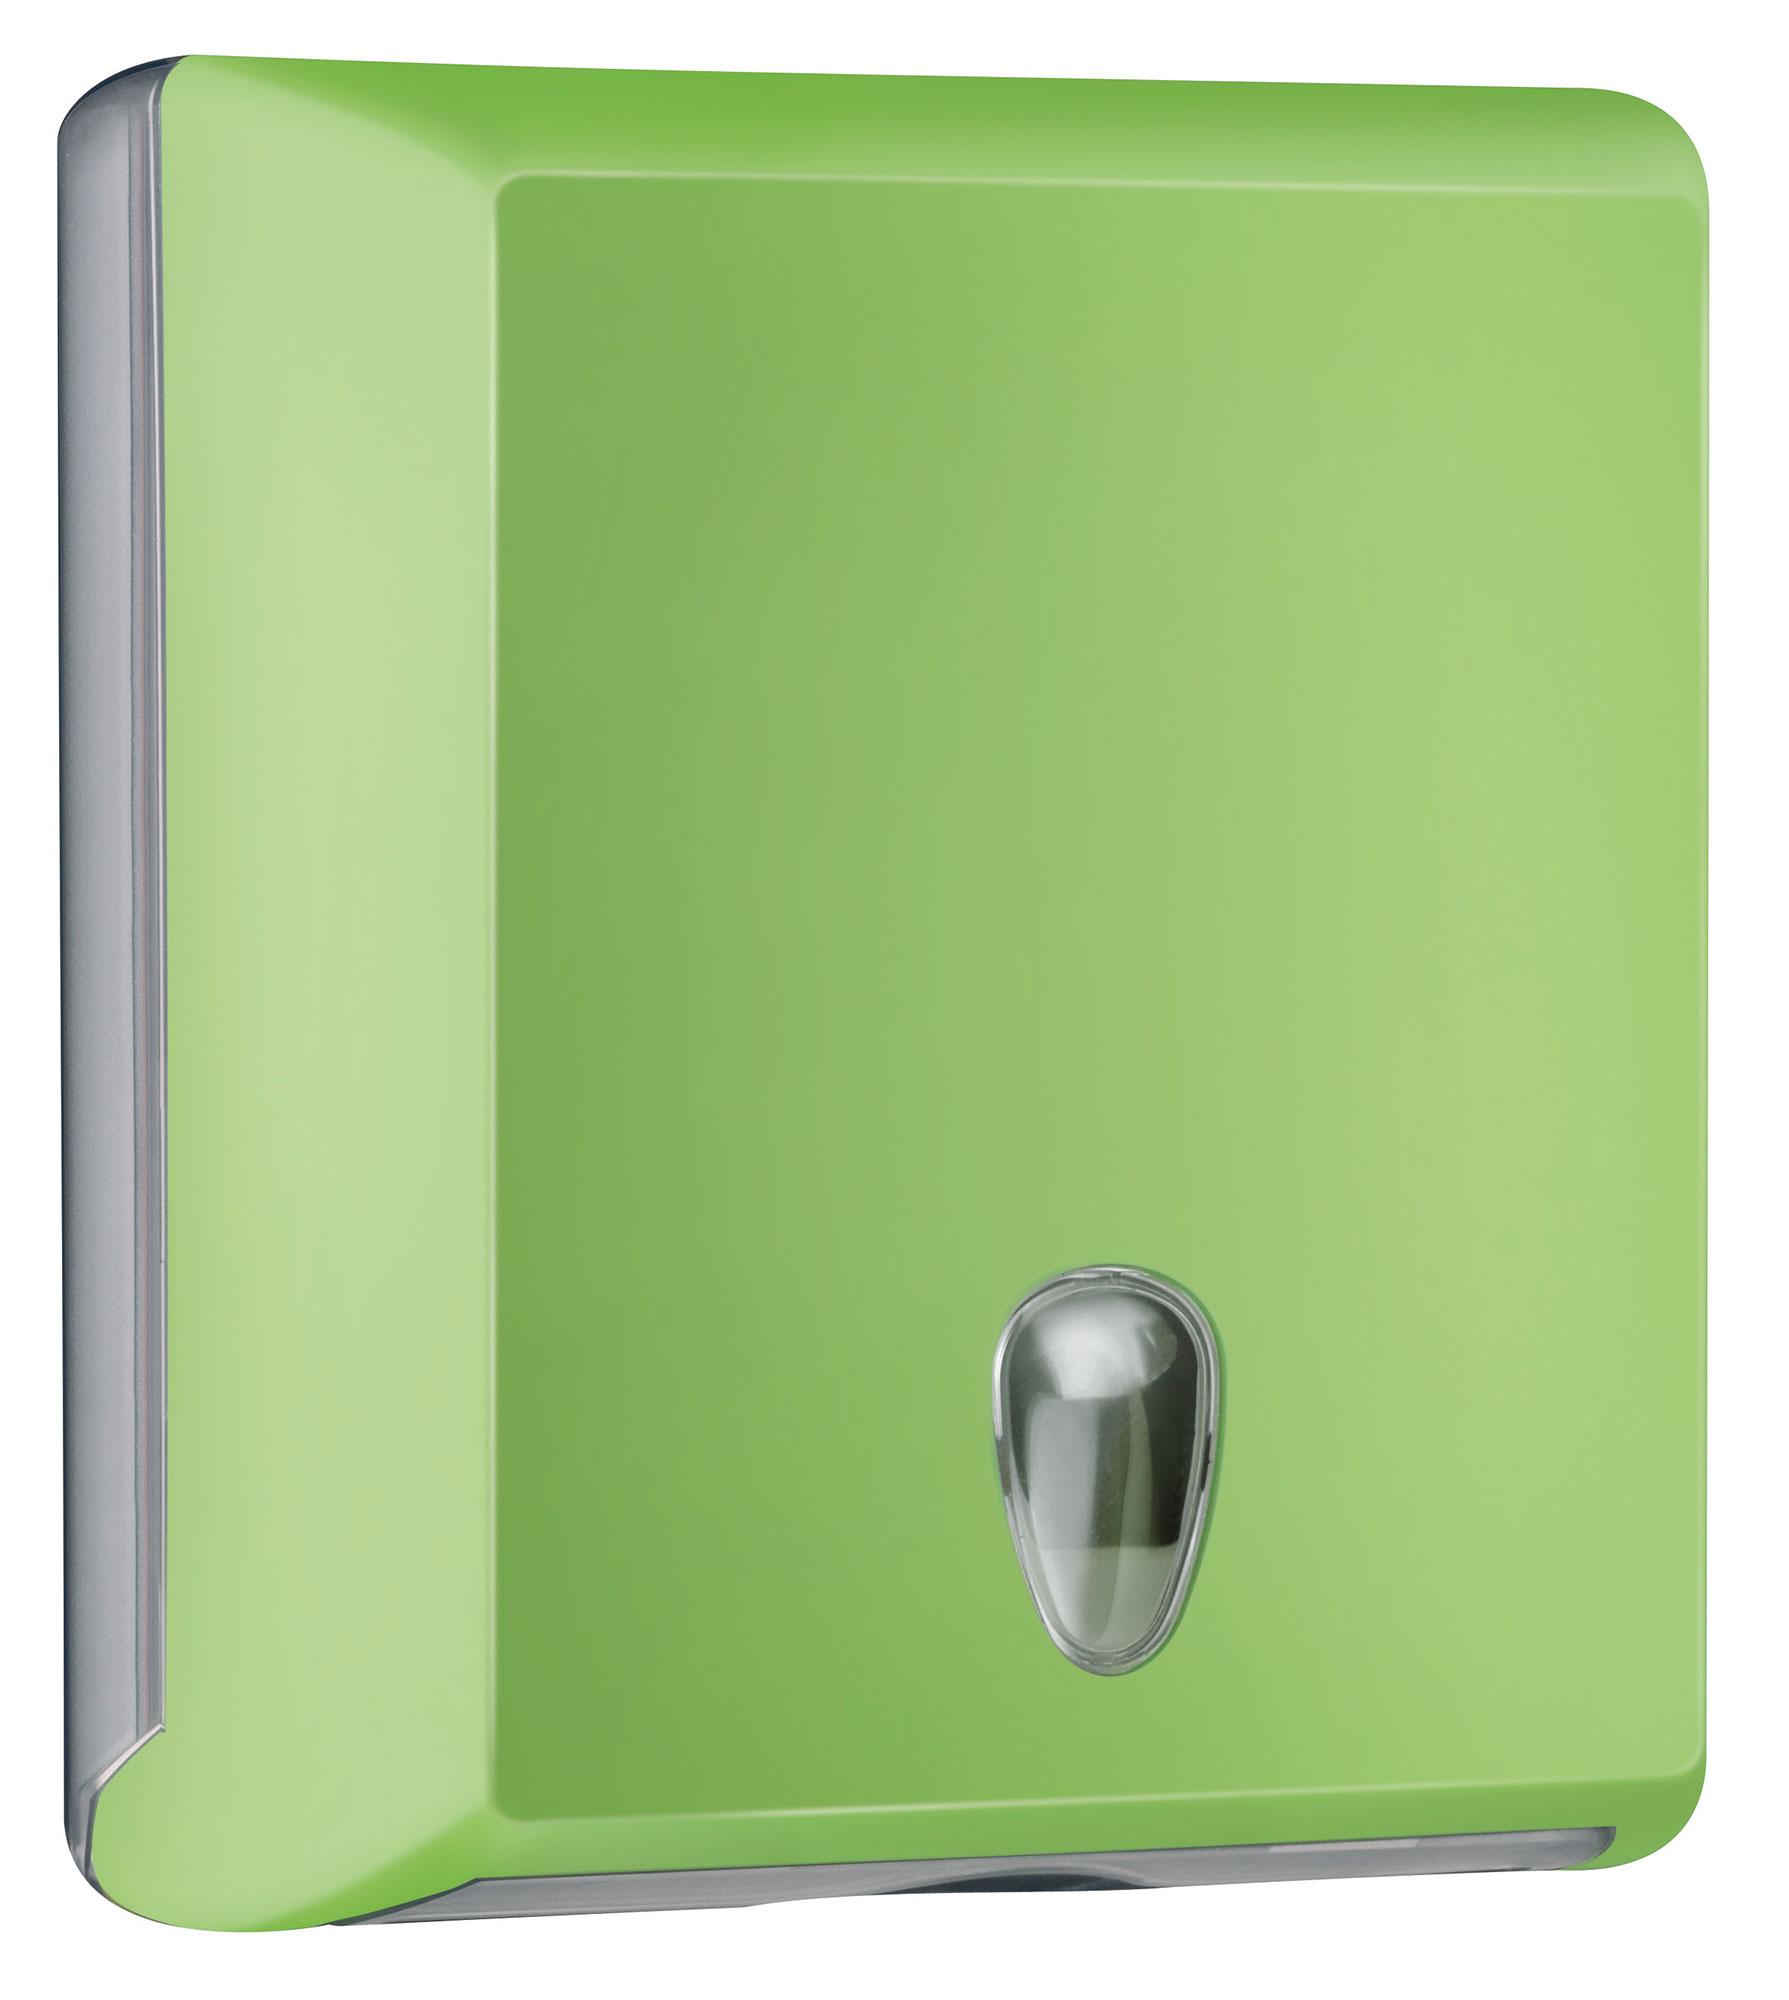 Coloured Edition - Grønn